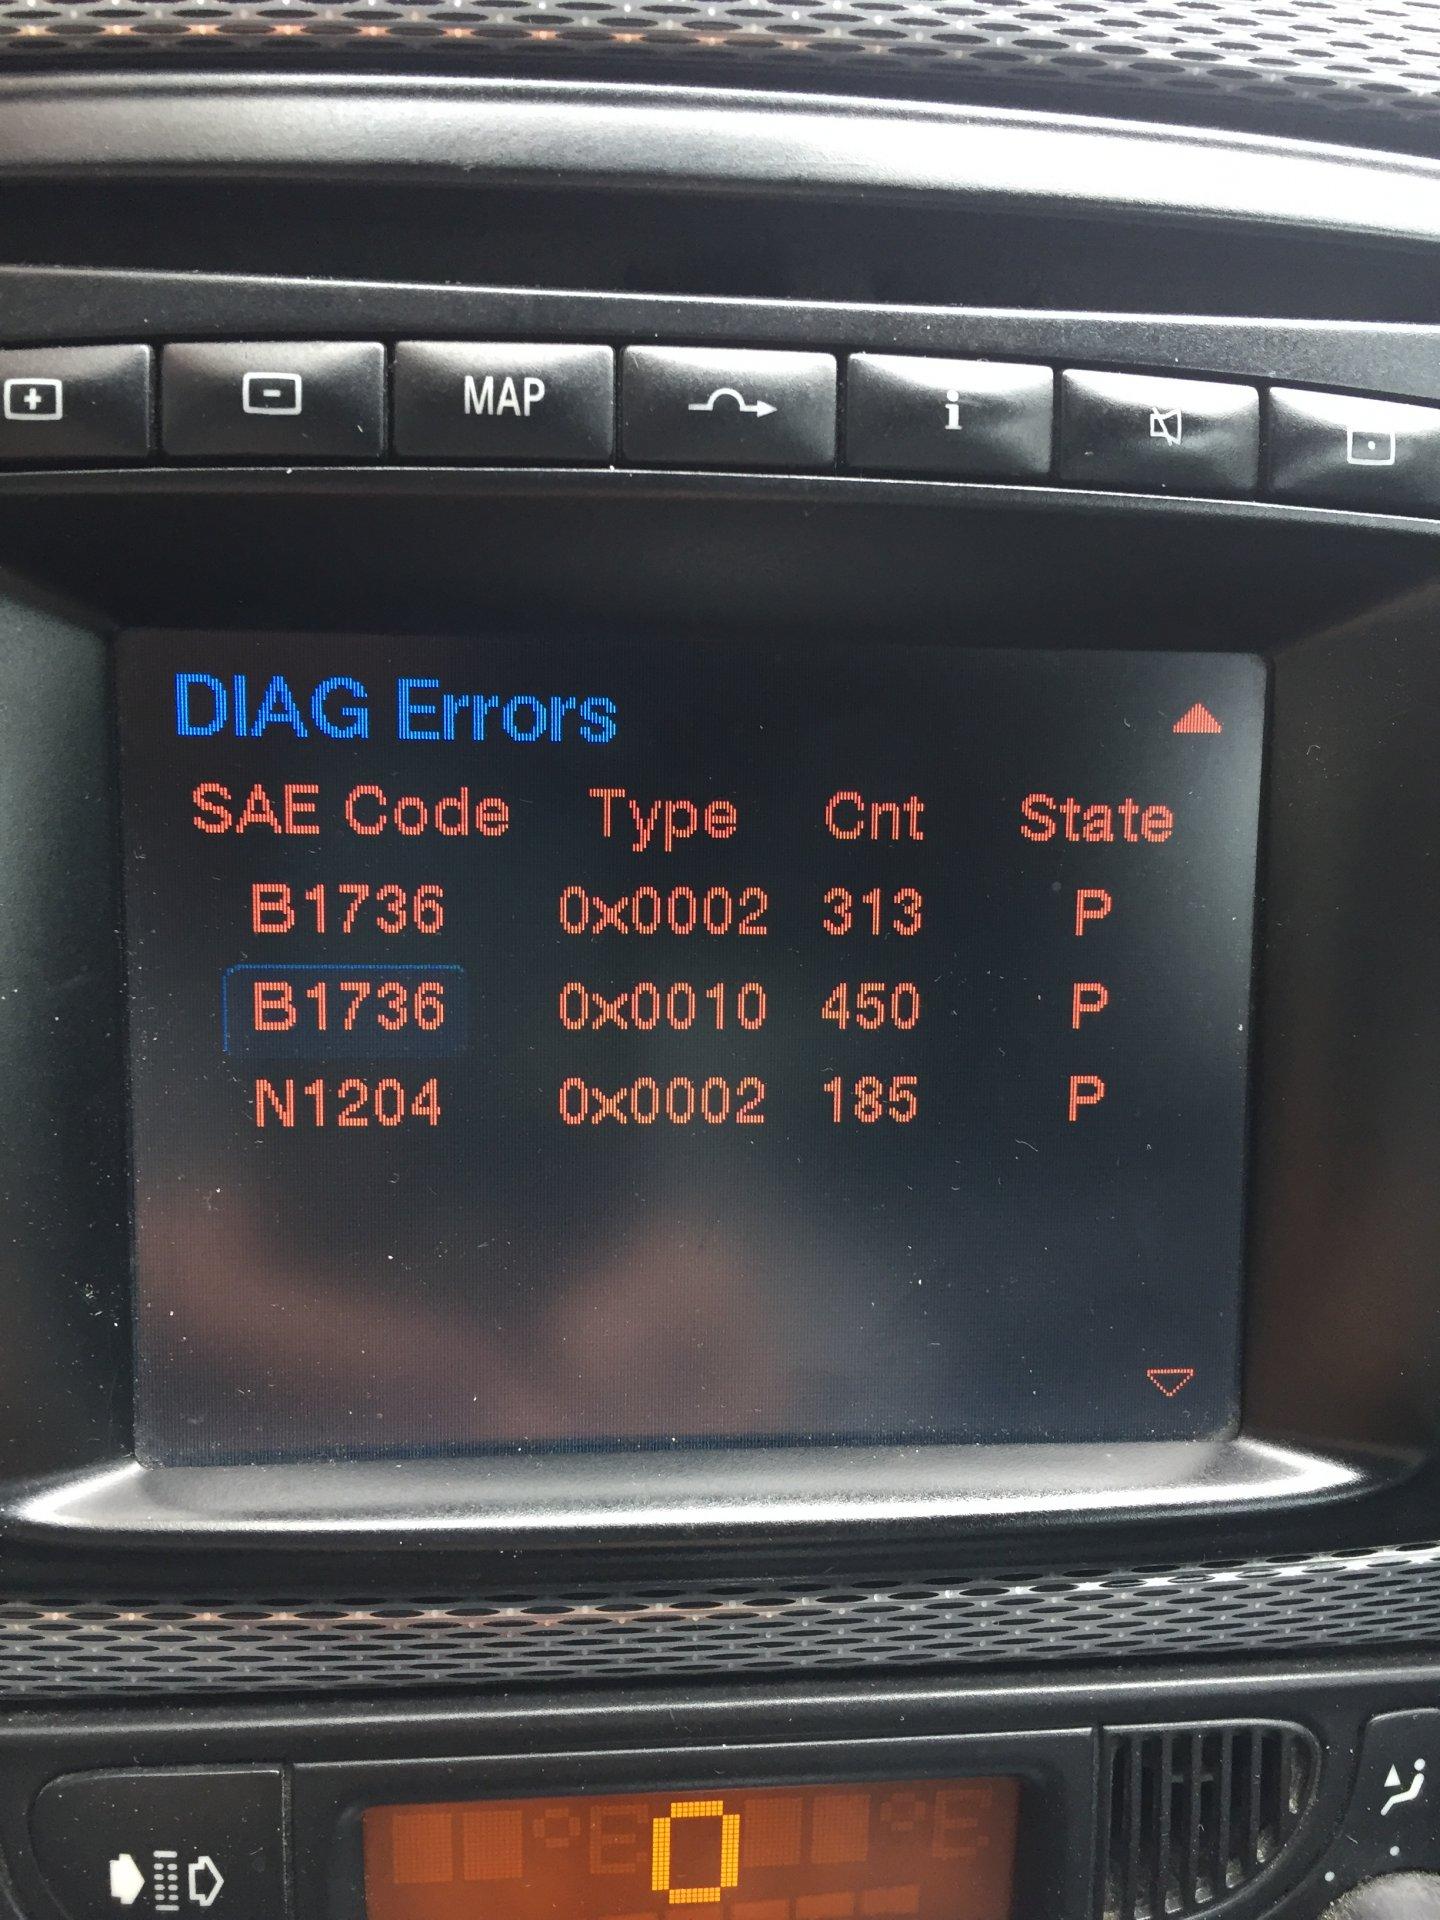 B9FE3AC7-9ED9-4A72-B633-03A924F08488.jpeg